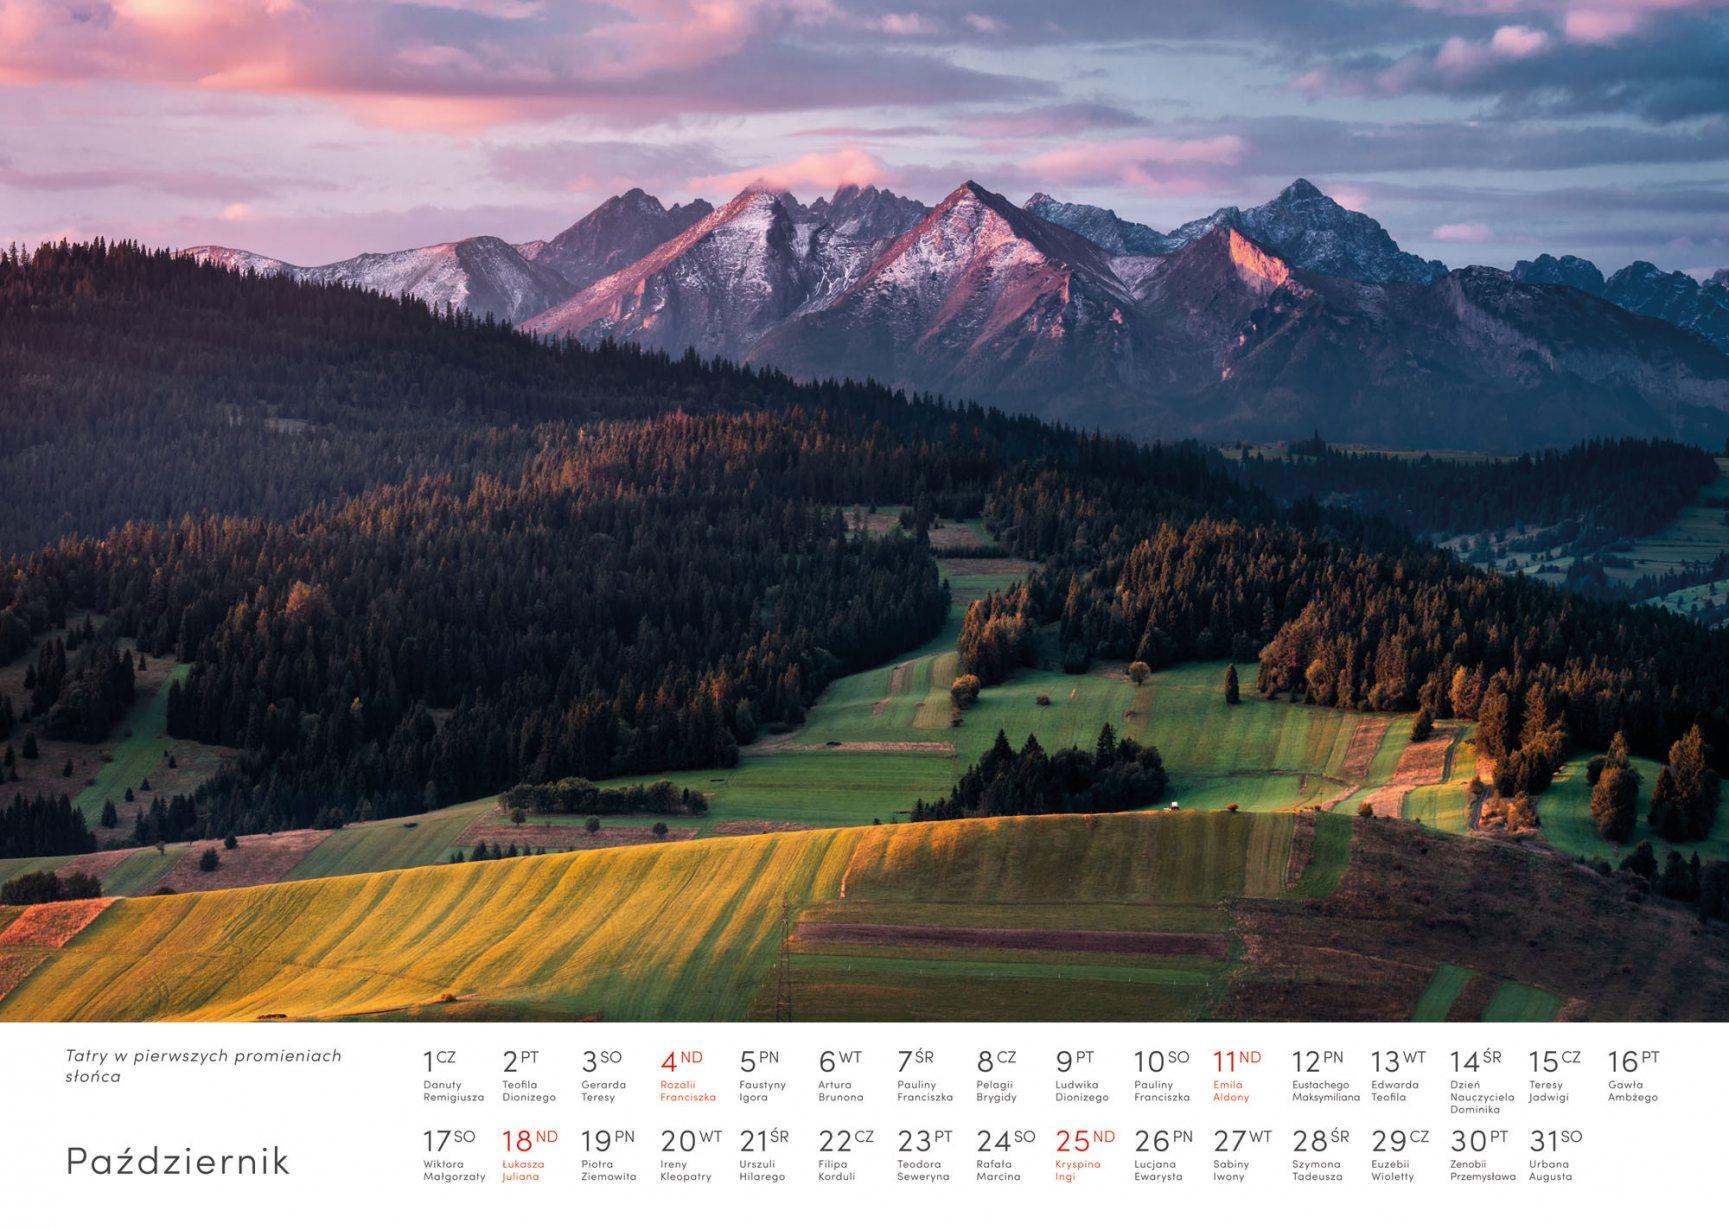 Kalendarz krajobrazy 2020 - Październik - Piotr Kałuża - Tatry jesienią